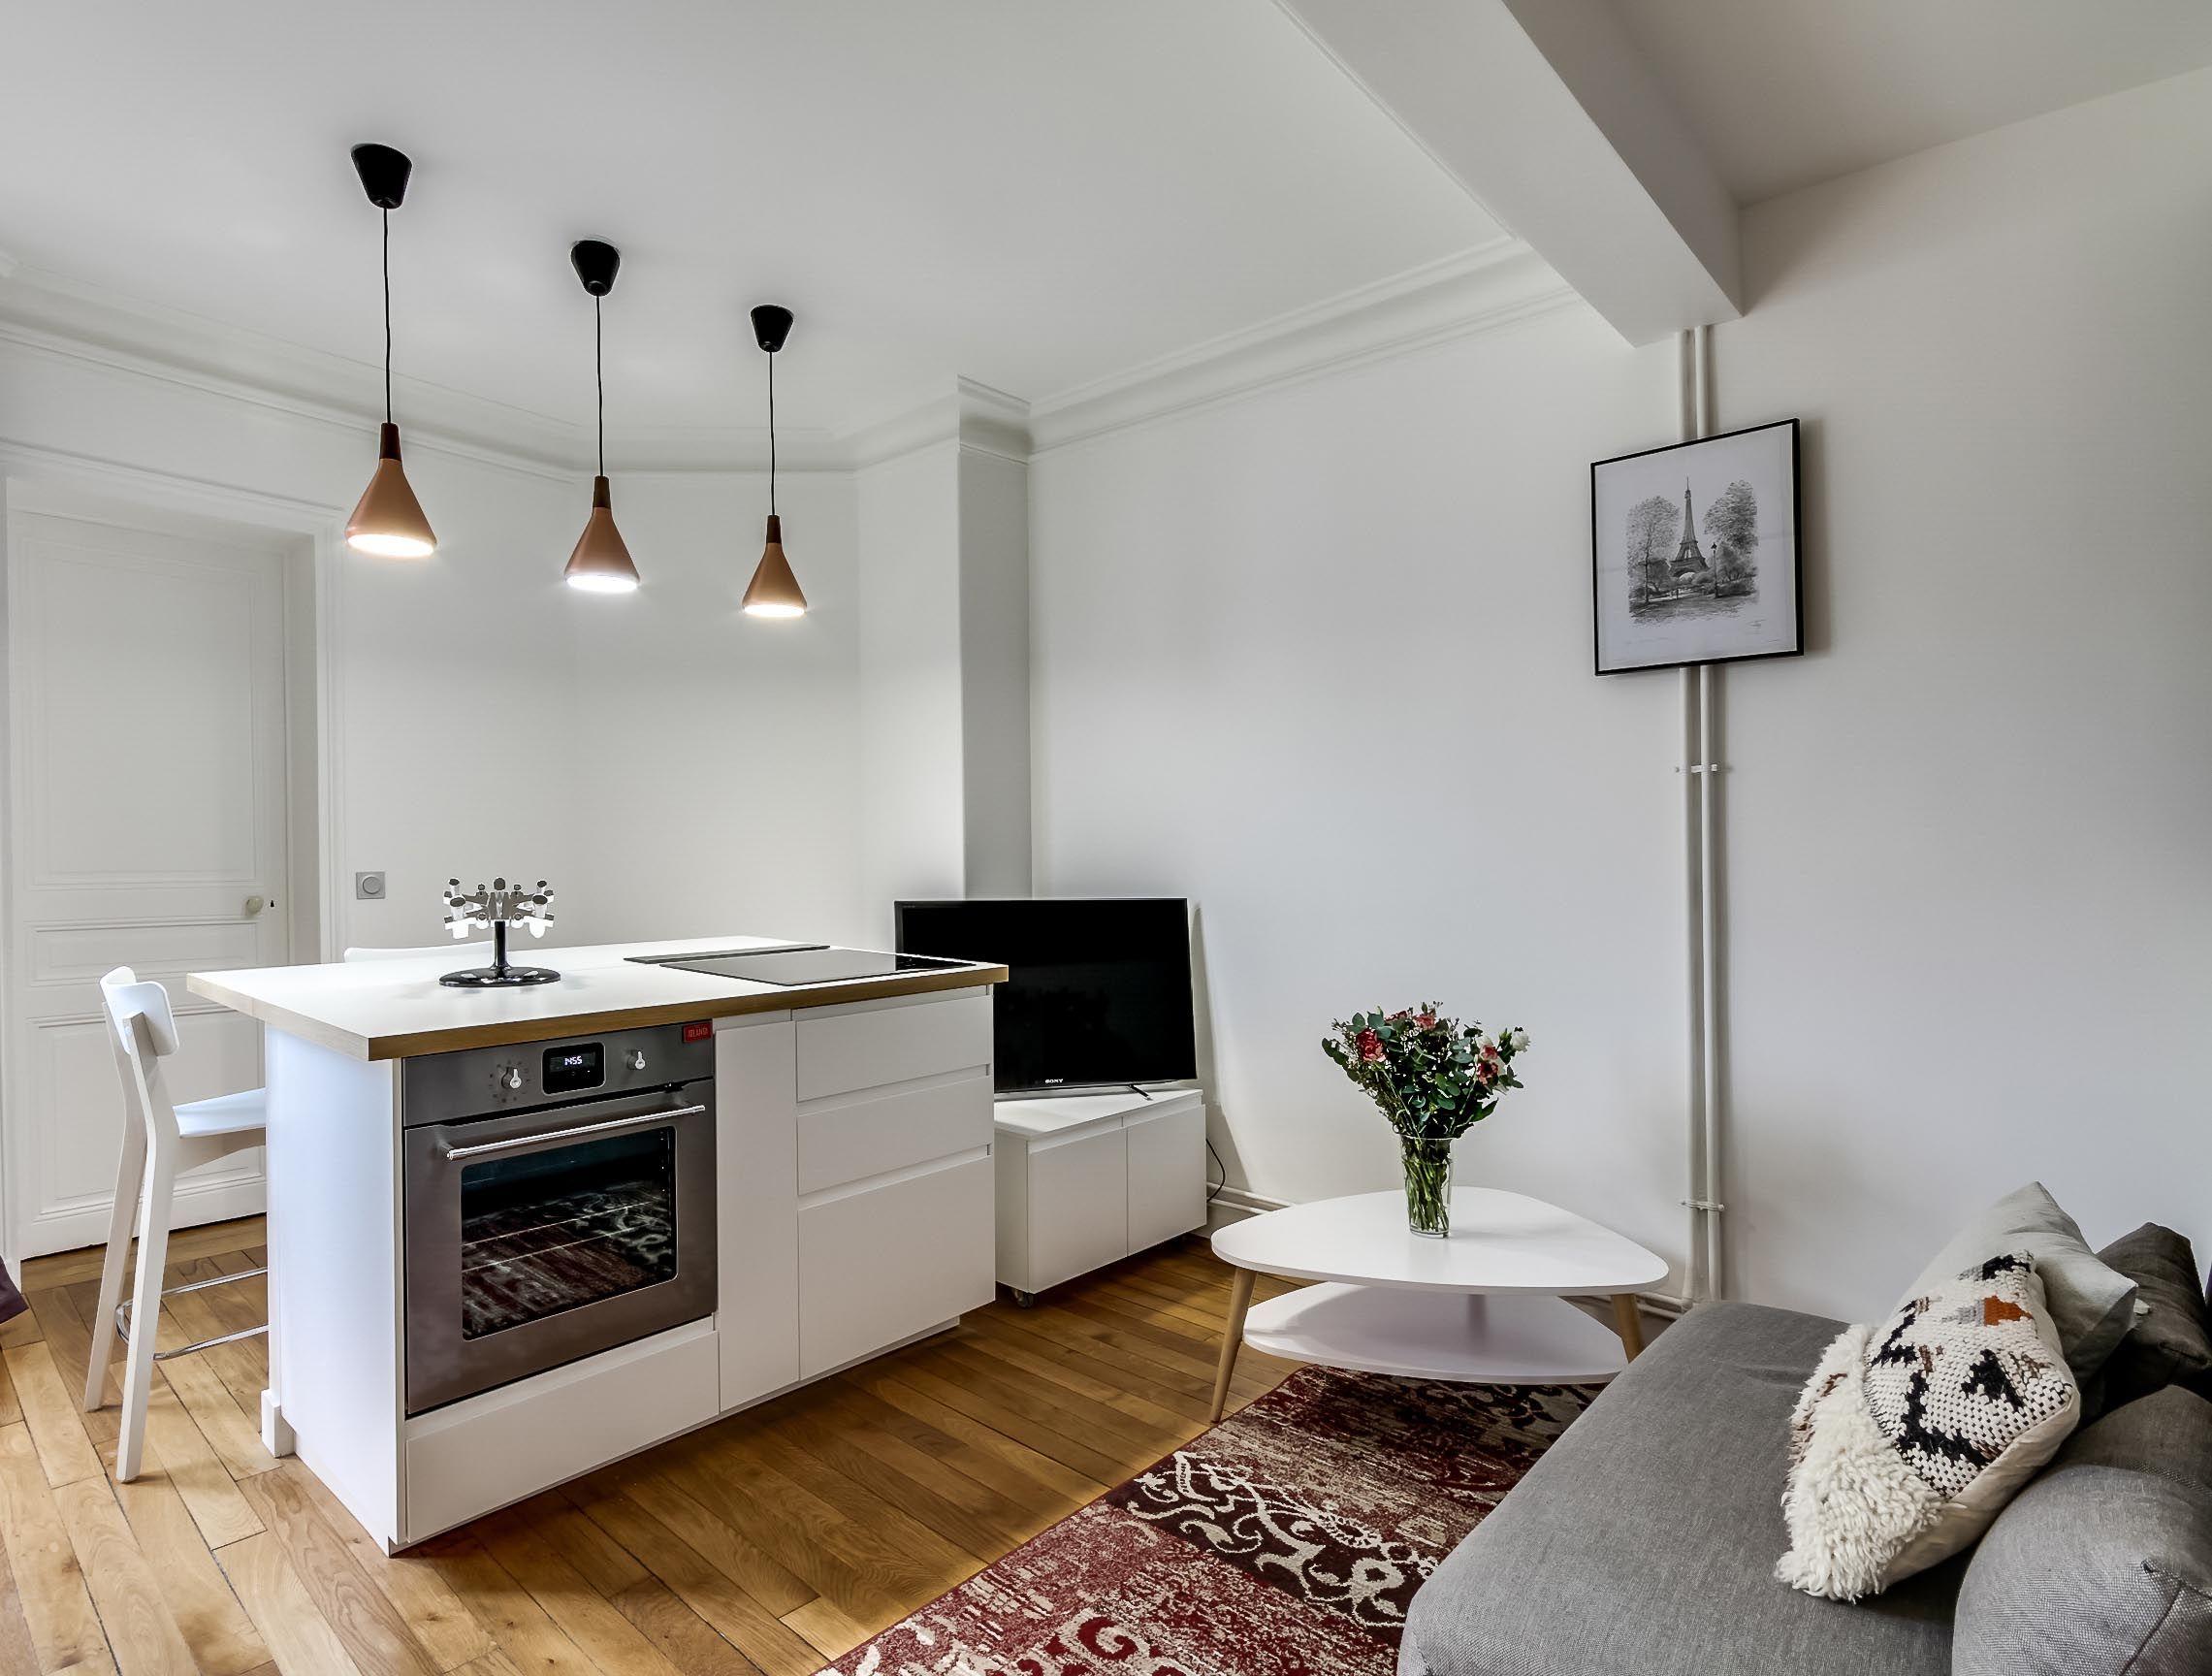 Cuisine ouverte sur coin salon dans appartement entièrement